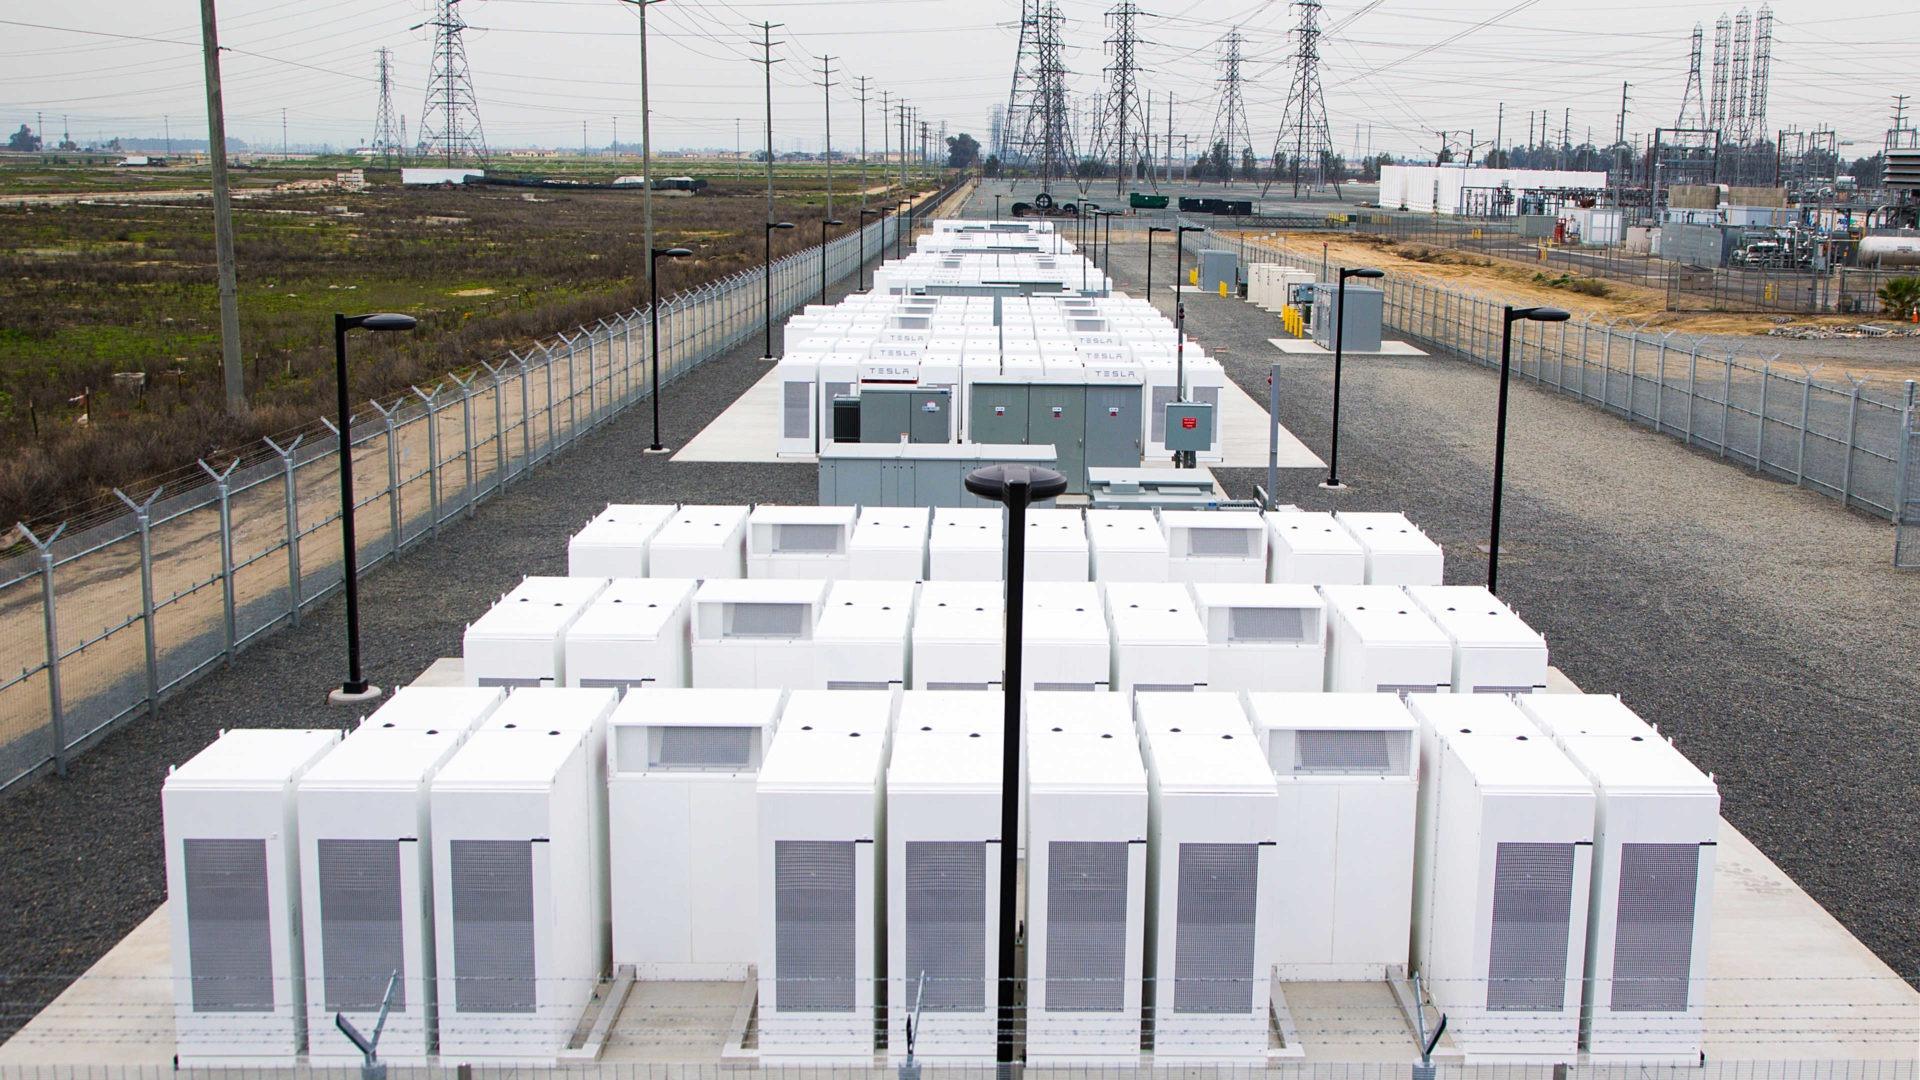 Foto: Die weltweit größte Batterie liefert Energie für das australische Stromnetz   © Tesla Motors